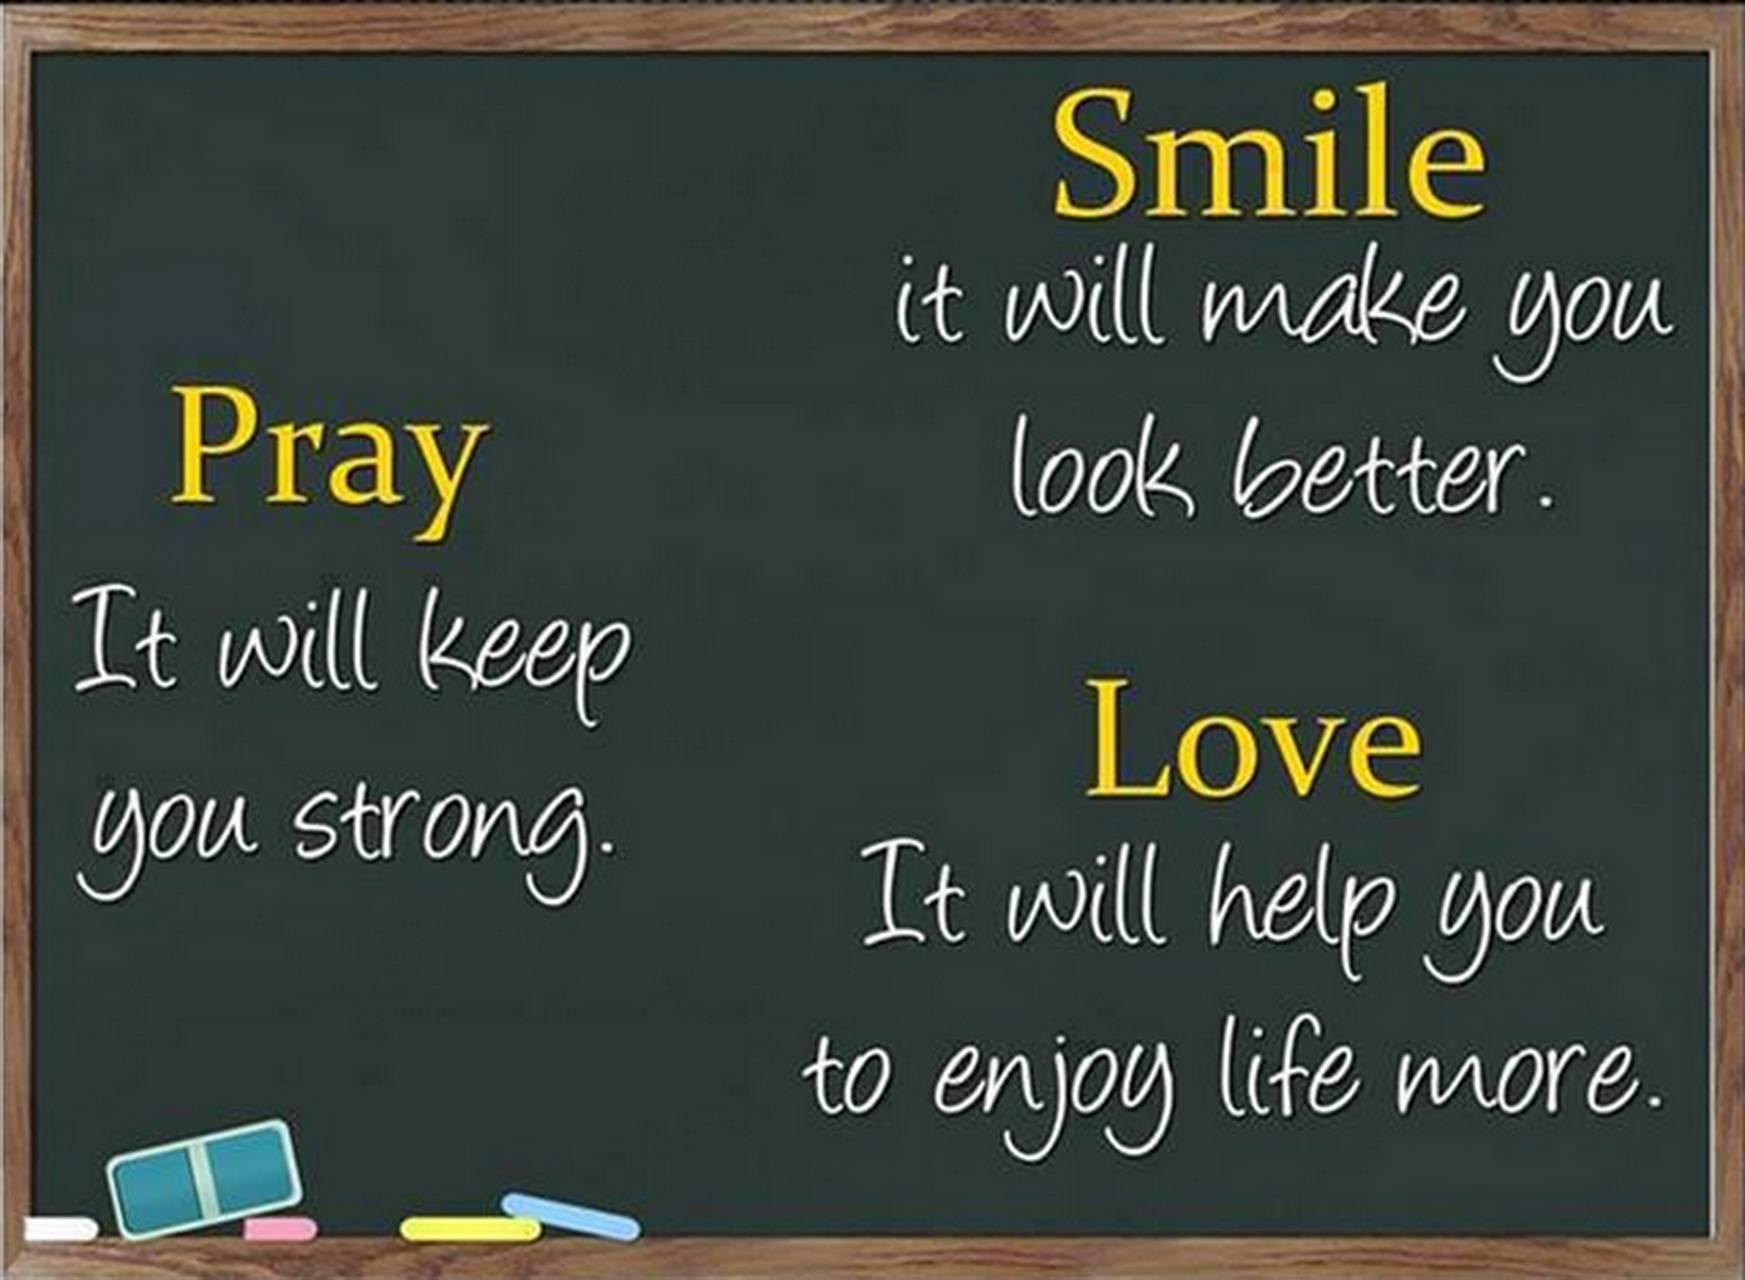 Love Smile Pray